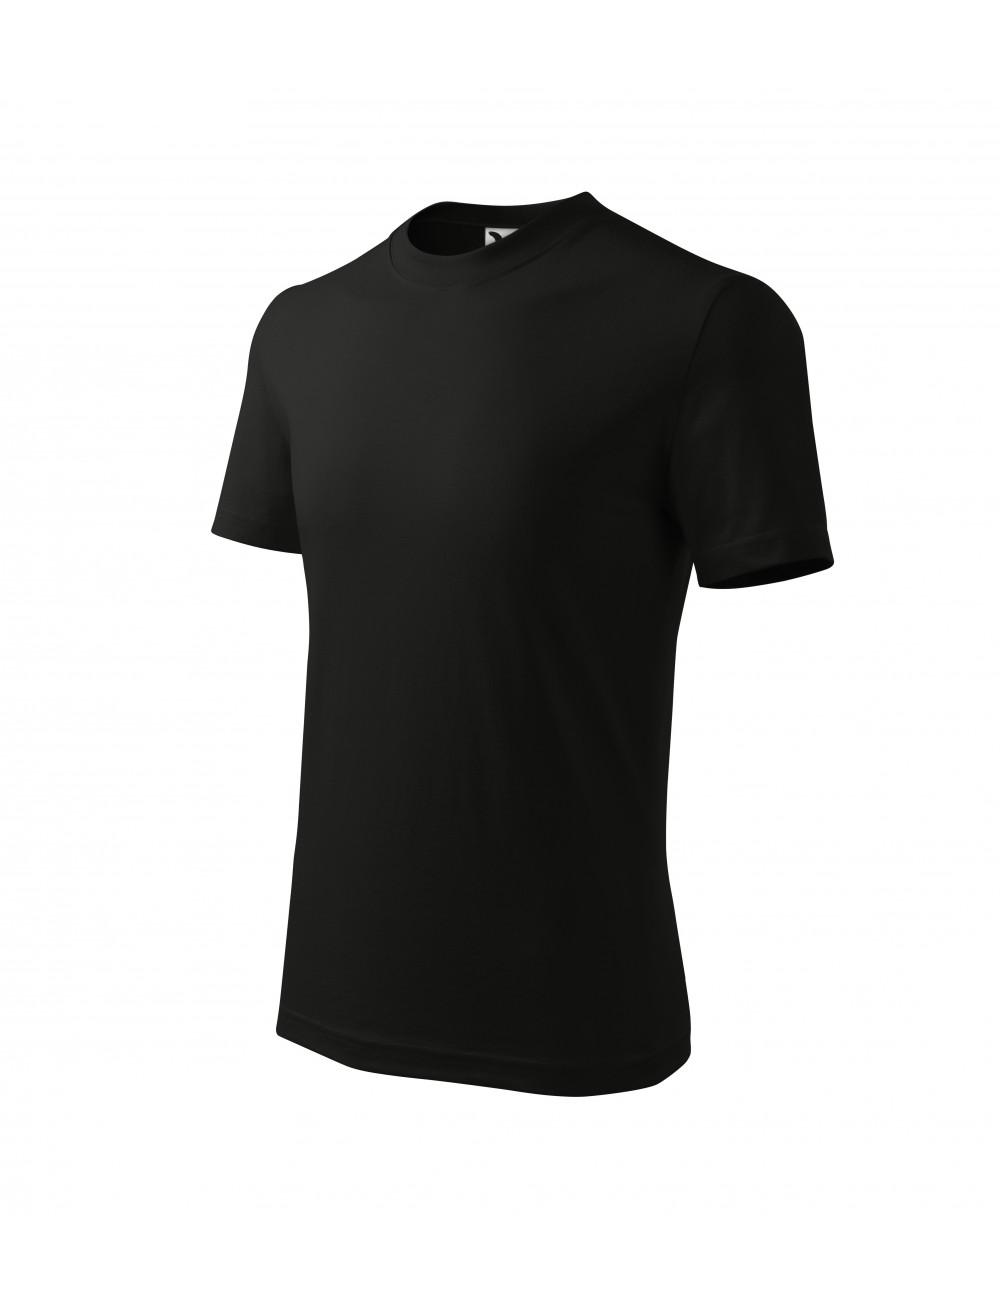 Adler MALFINI Koszulka dziecięca Basic 138 czarny